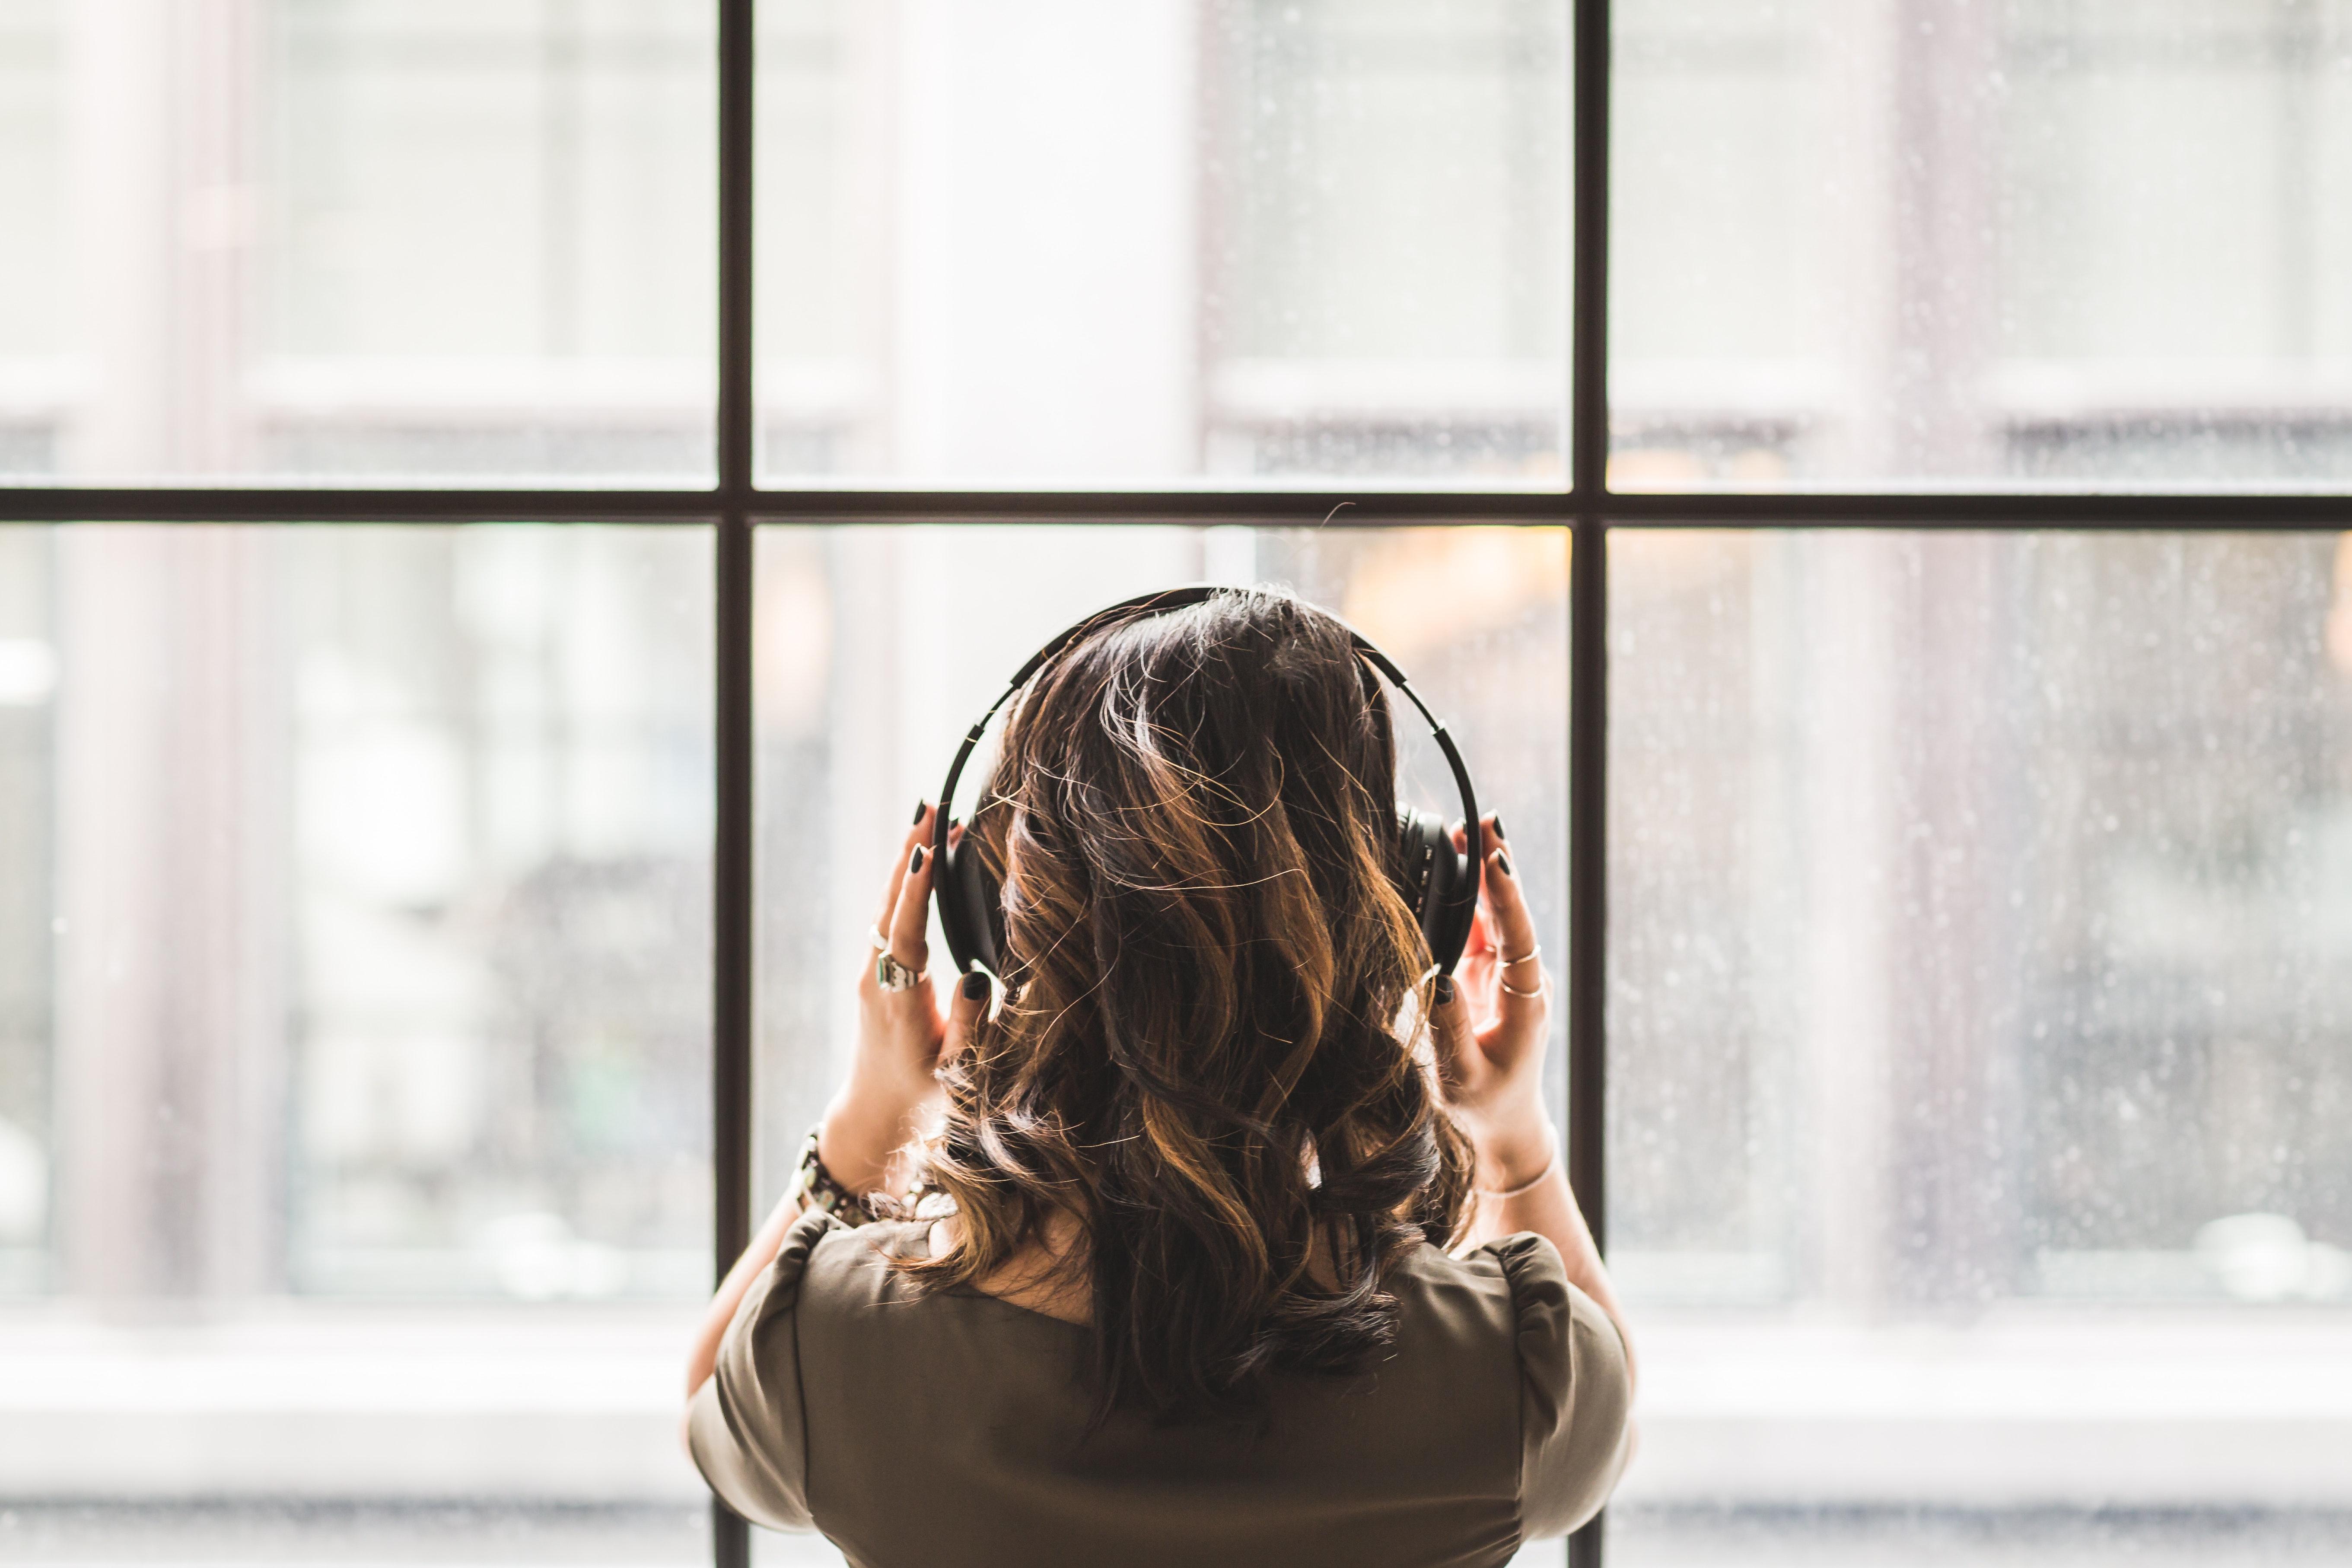 Ar tikrai legaliai klausyti muzikos yra brangu?